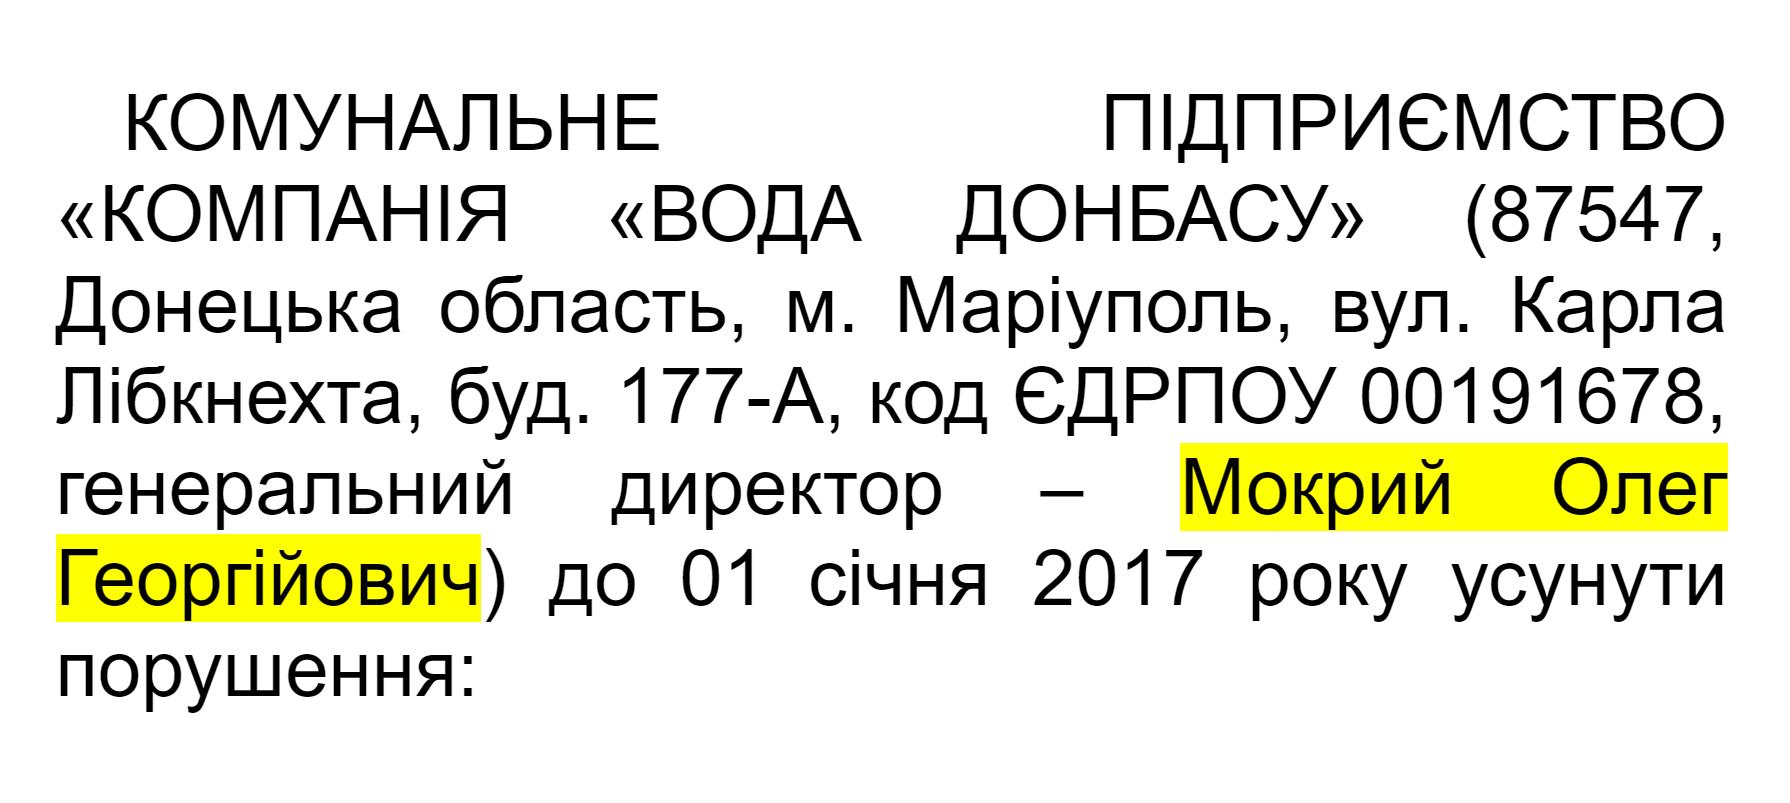 """Имя бывшего гендиректора КП """"Вода Донбасса"""" фигурирует в документах НКРЭКУ"""